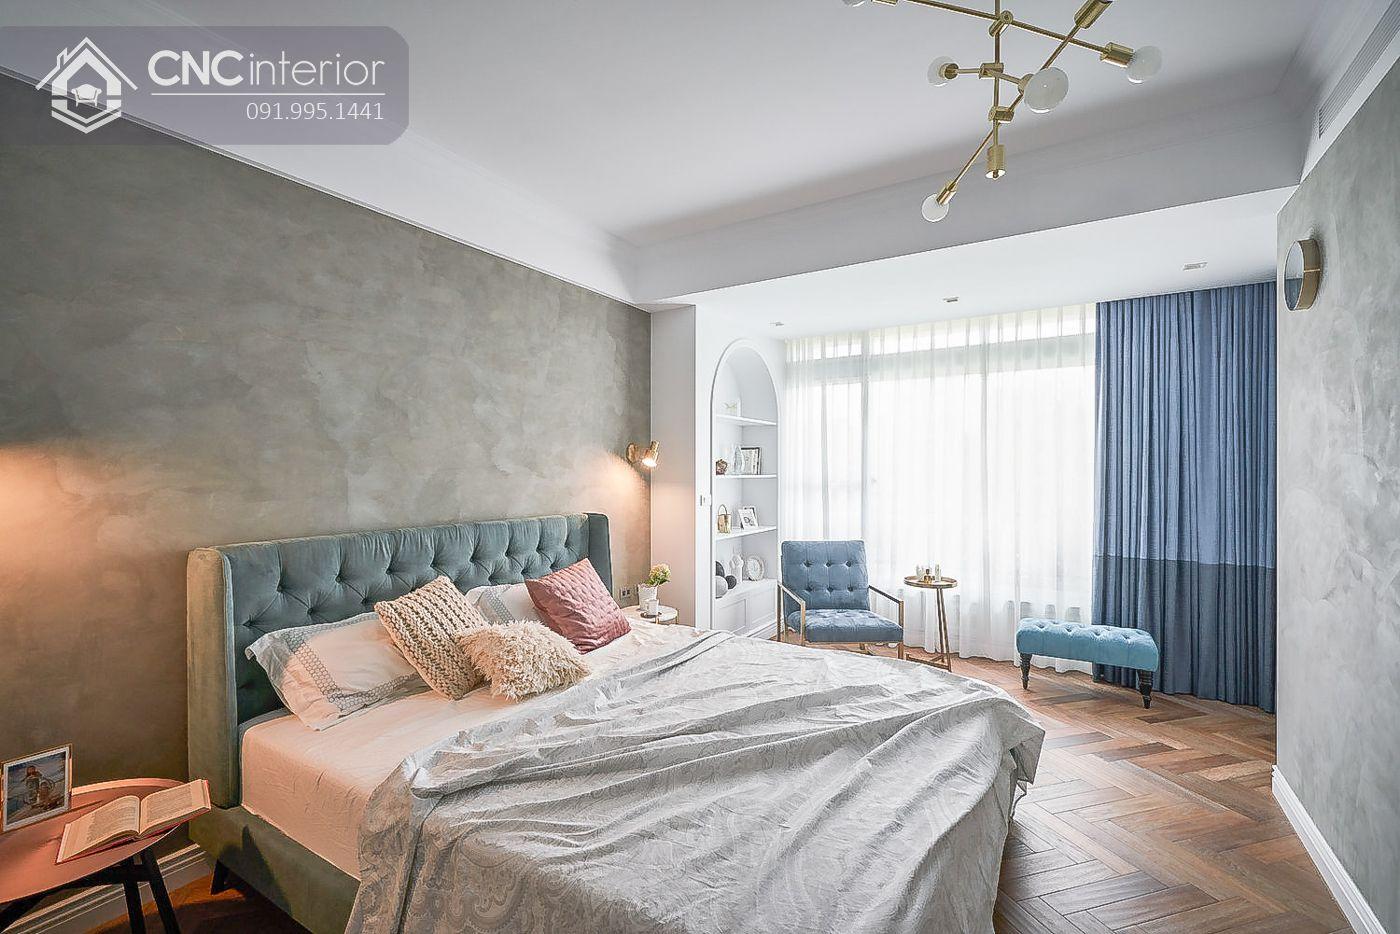 các mẫu thiết kế nội thất phòng ngủ đẹp 10